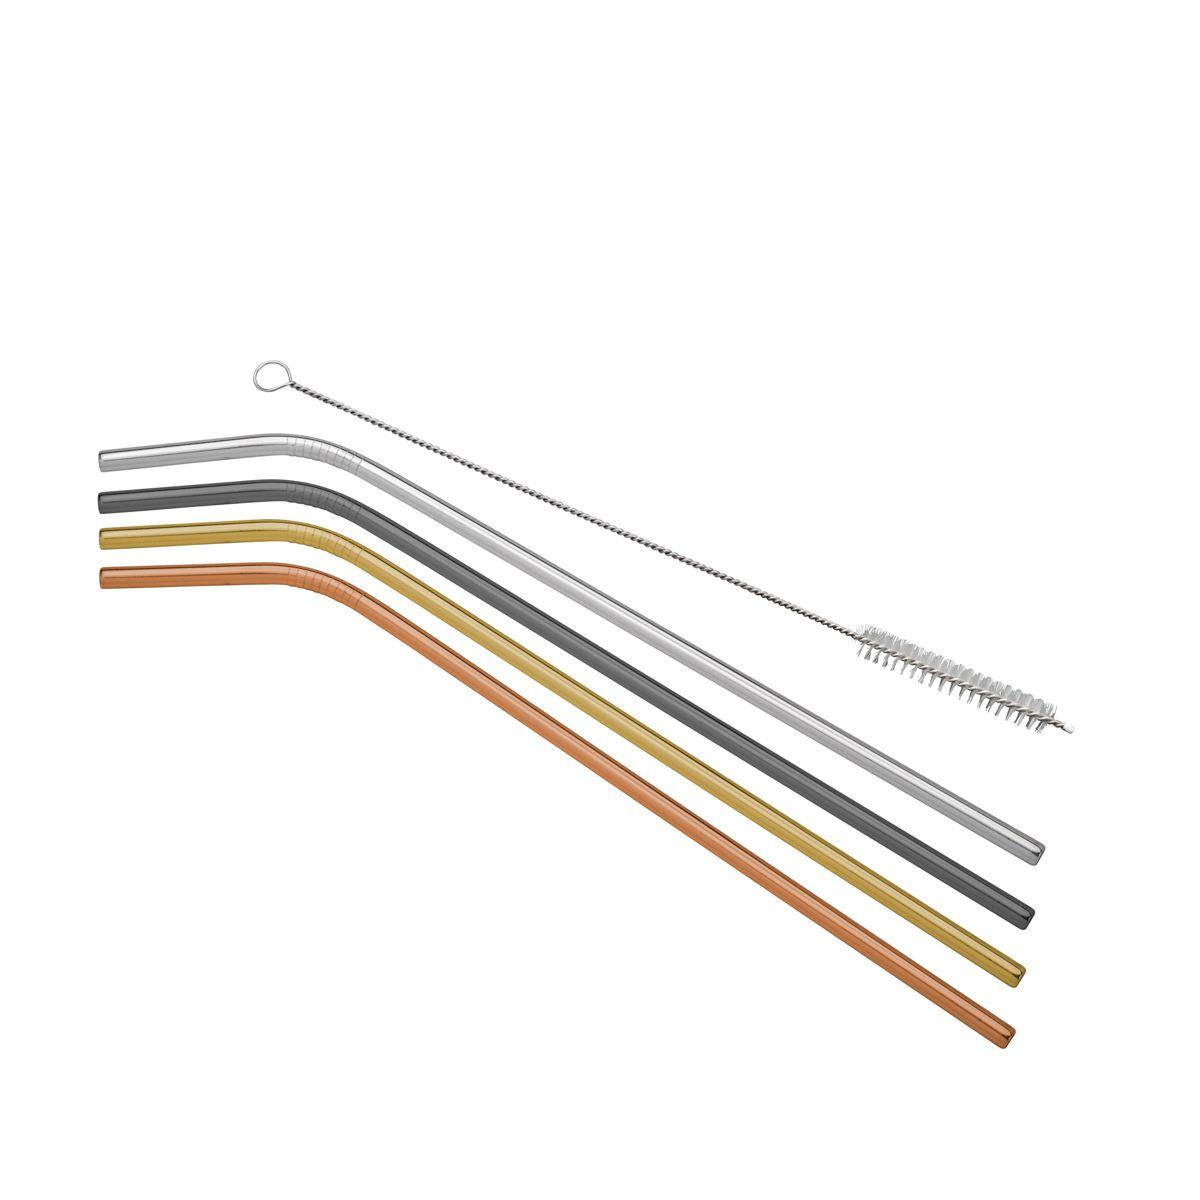 Jg 04 Canudos de Aço Inox Colorido Sortido com Escovinha